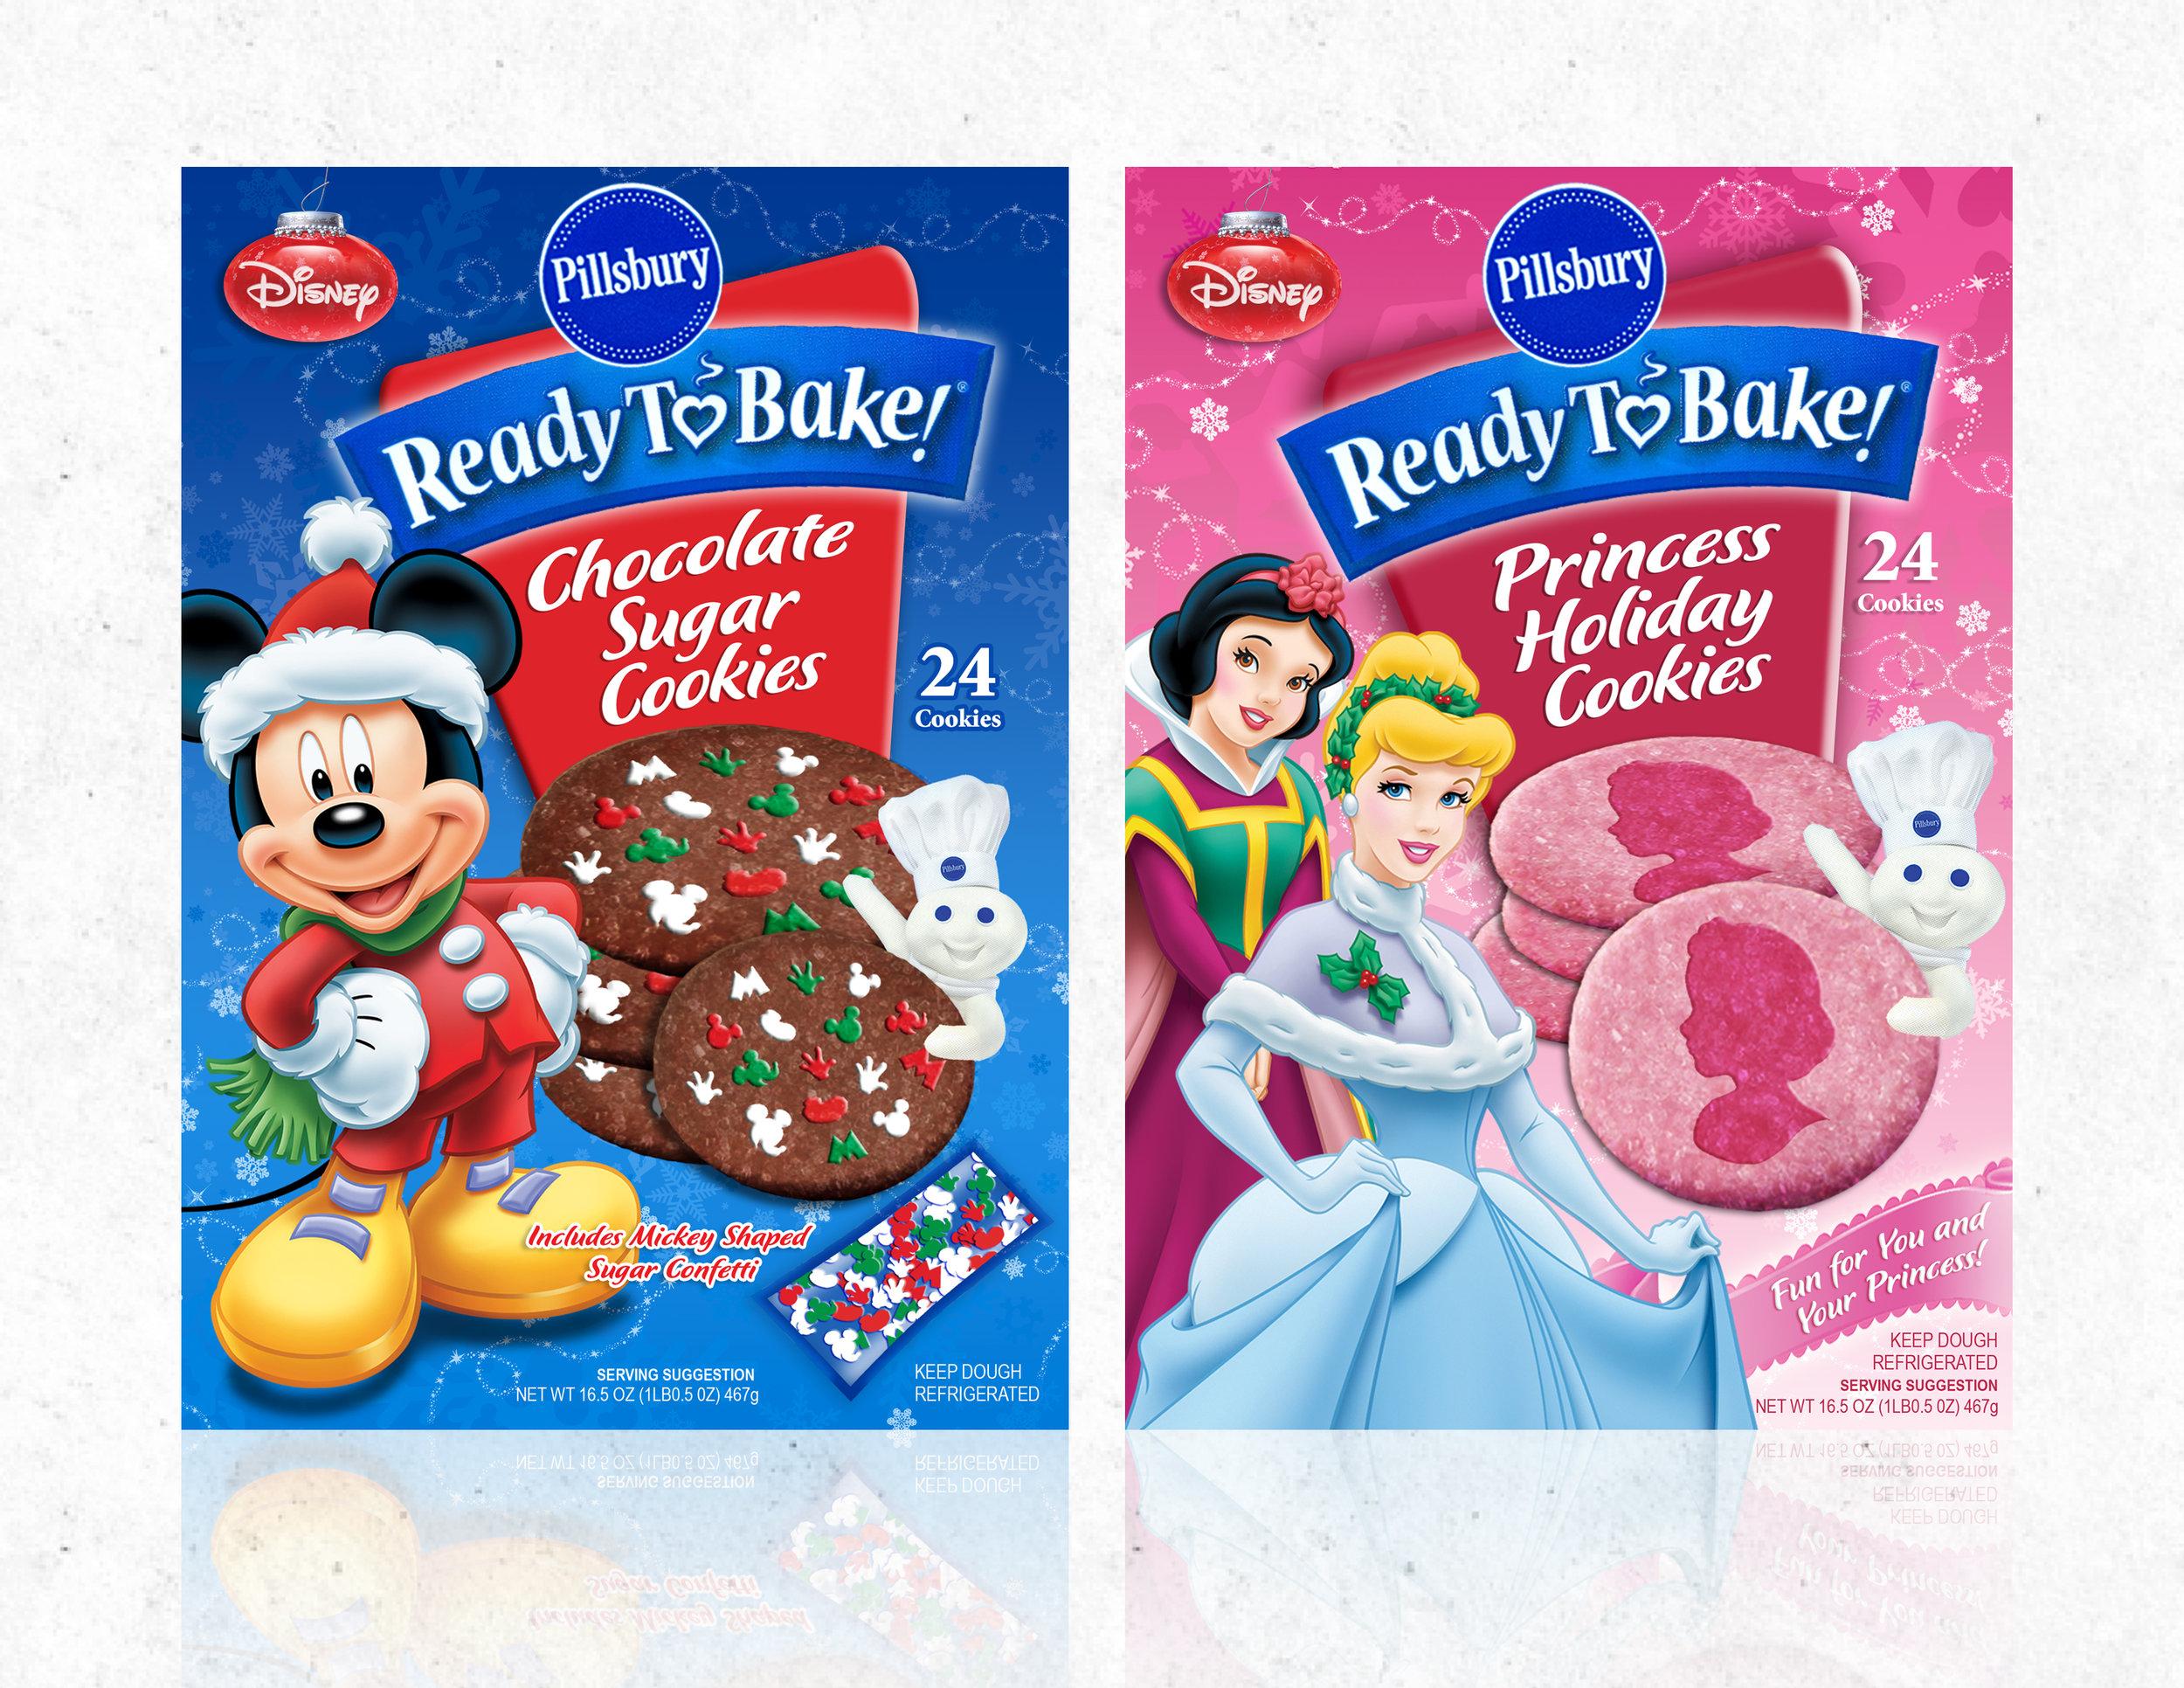 Disneycookies.jpg